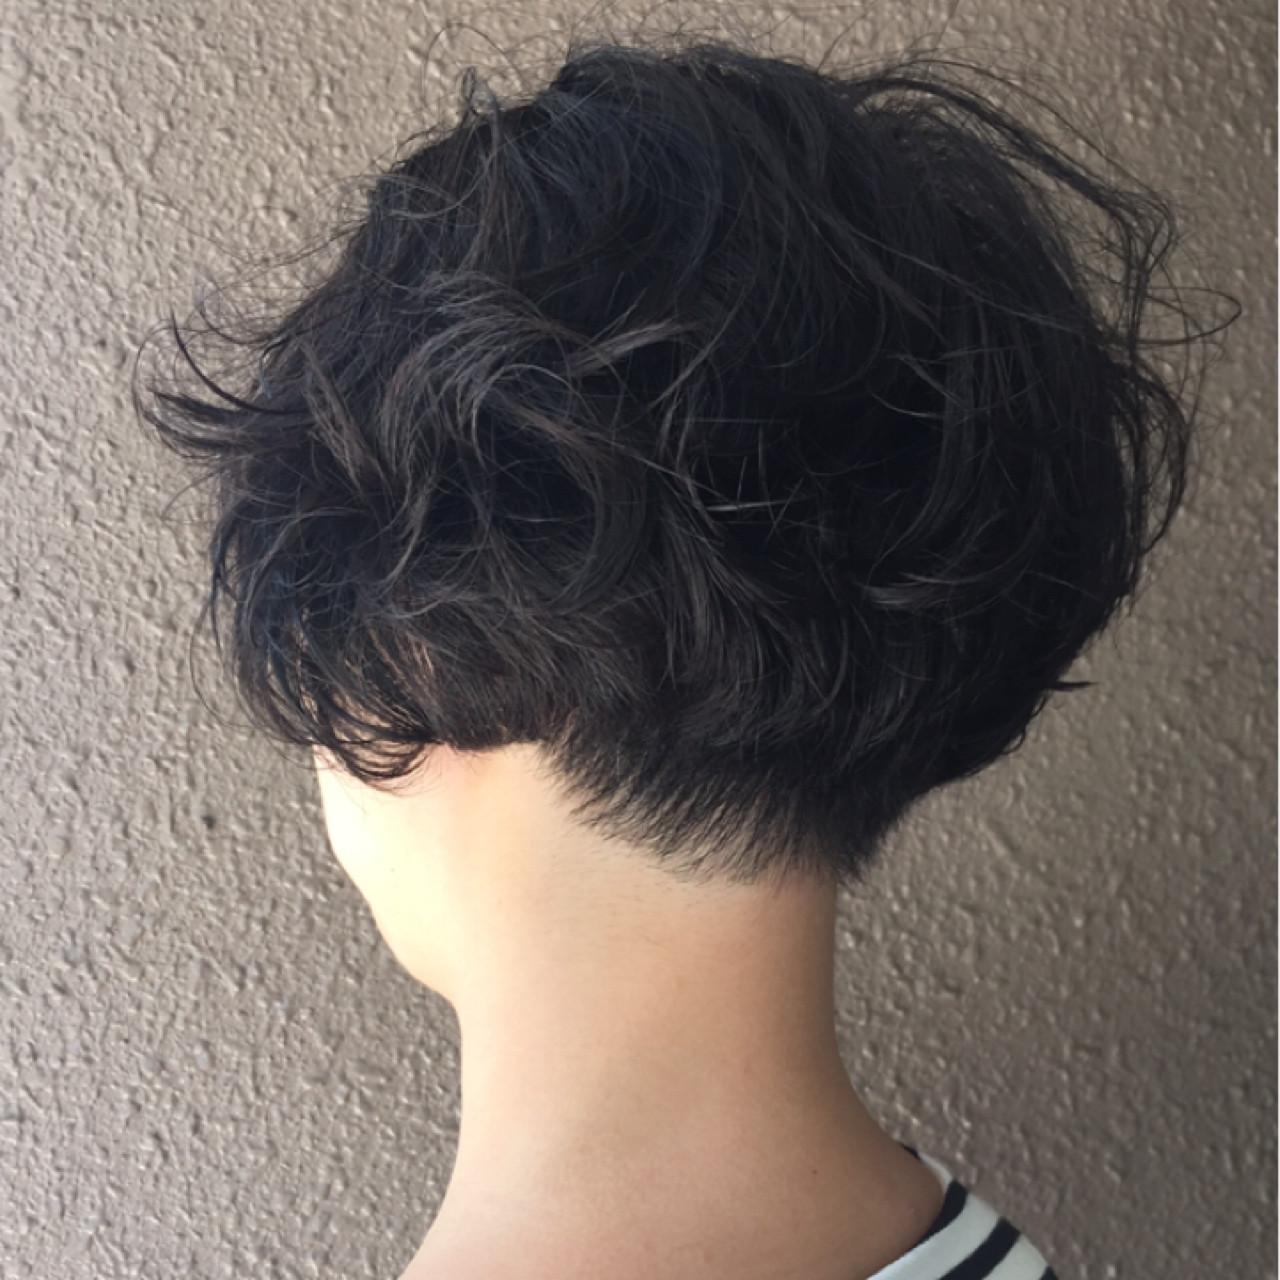 くせ毛刈り上げボブでふんわりと♡ 岩城 浩子